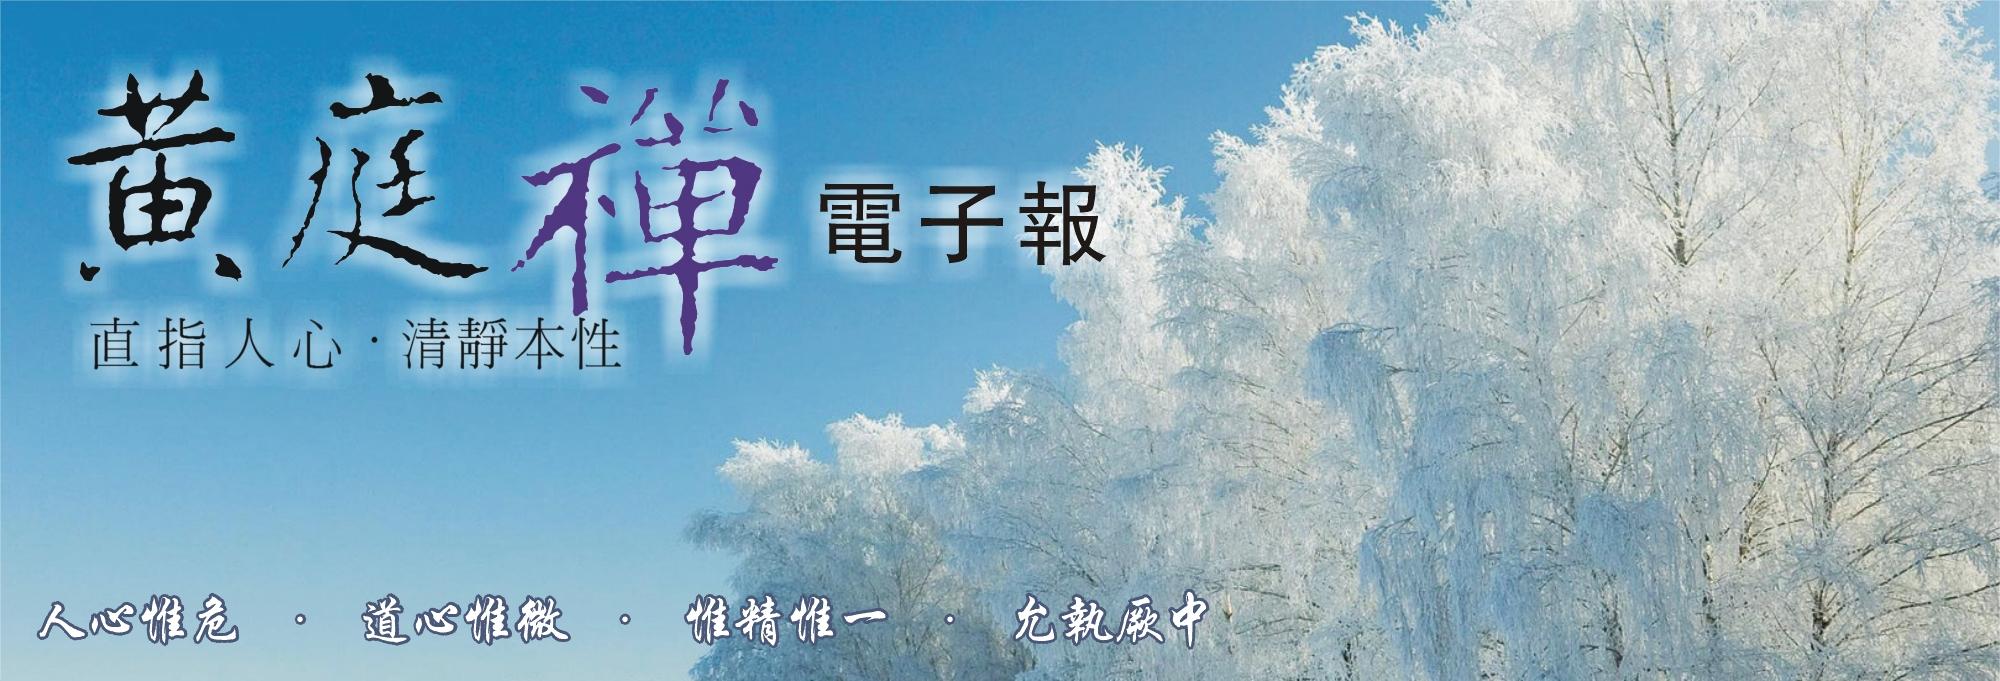 中華黃庭禪學會2015.01.11電子報